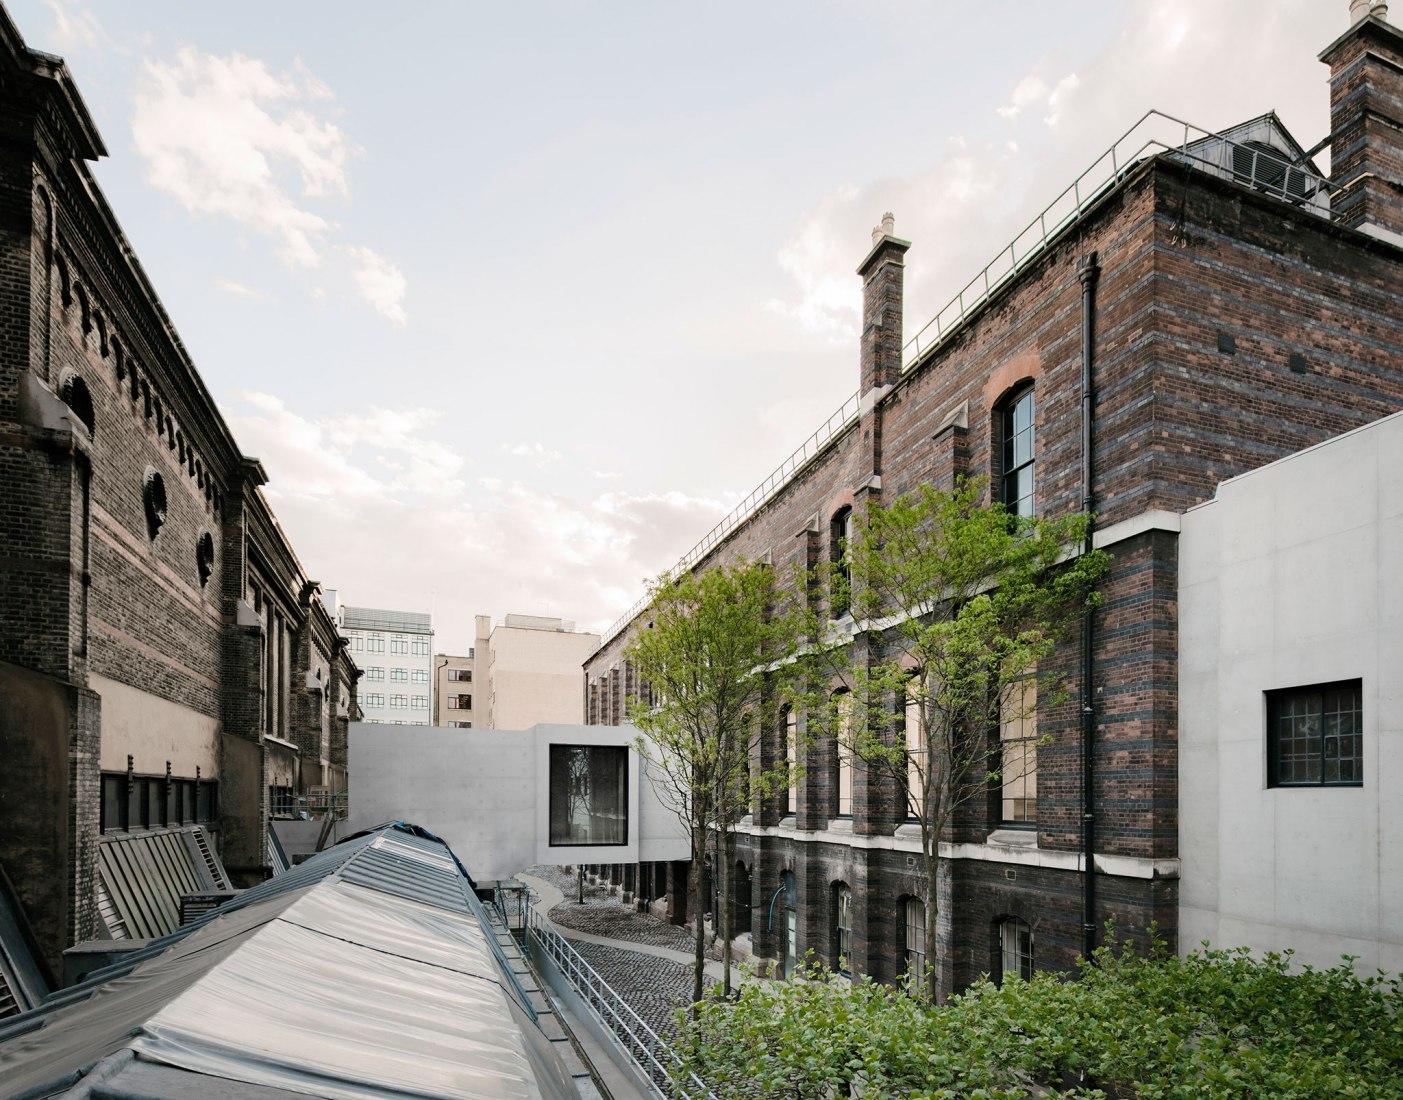 Nuevo puente de conexión uniendo los dos antiguos edificios. Royal Academy of Arts por David Chipperfield. Fotografía por Simon Menges